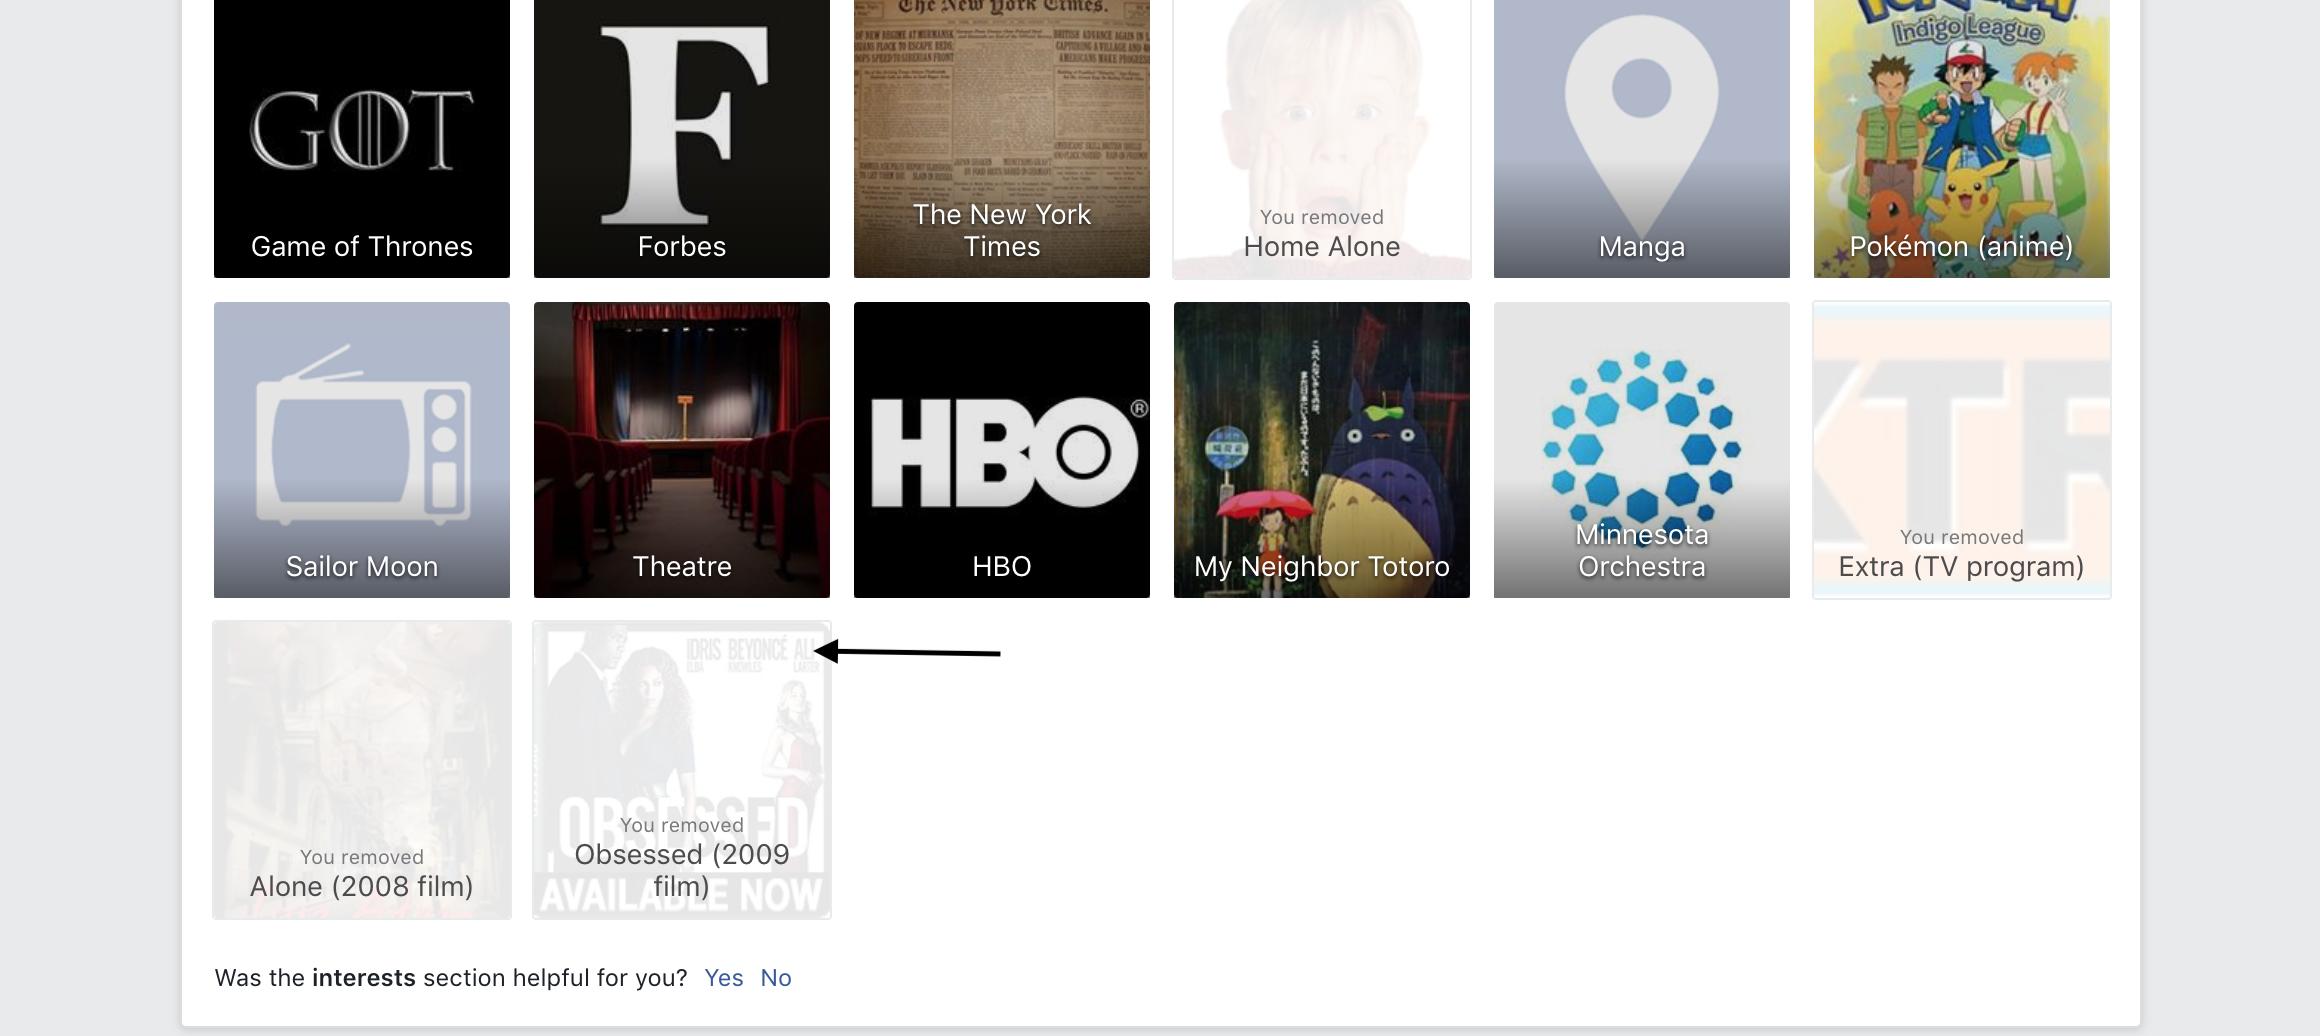 Mange Facebook Ad Preferences